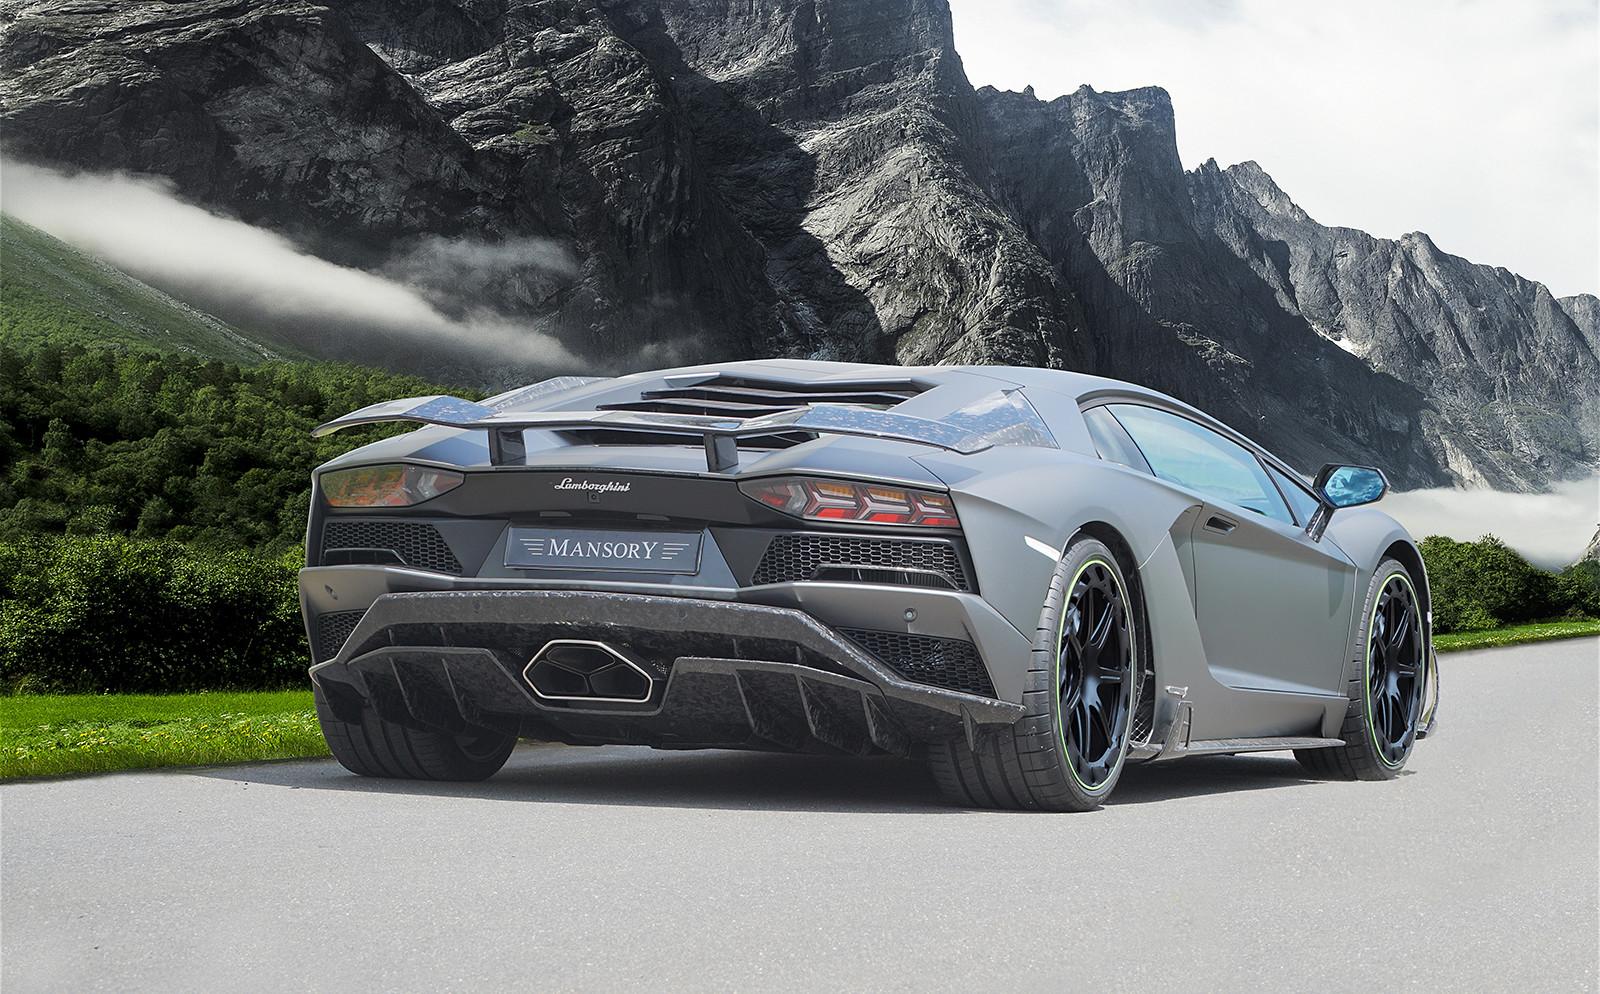 Foto de Lamborghini Aventador S Mansory (8/8)